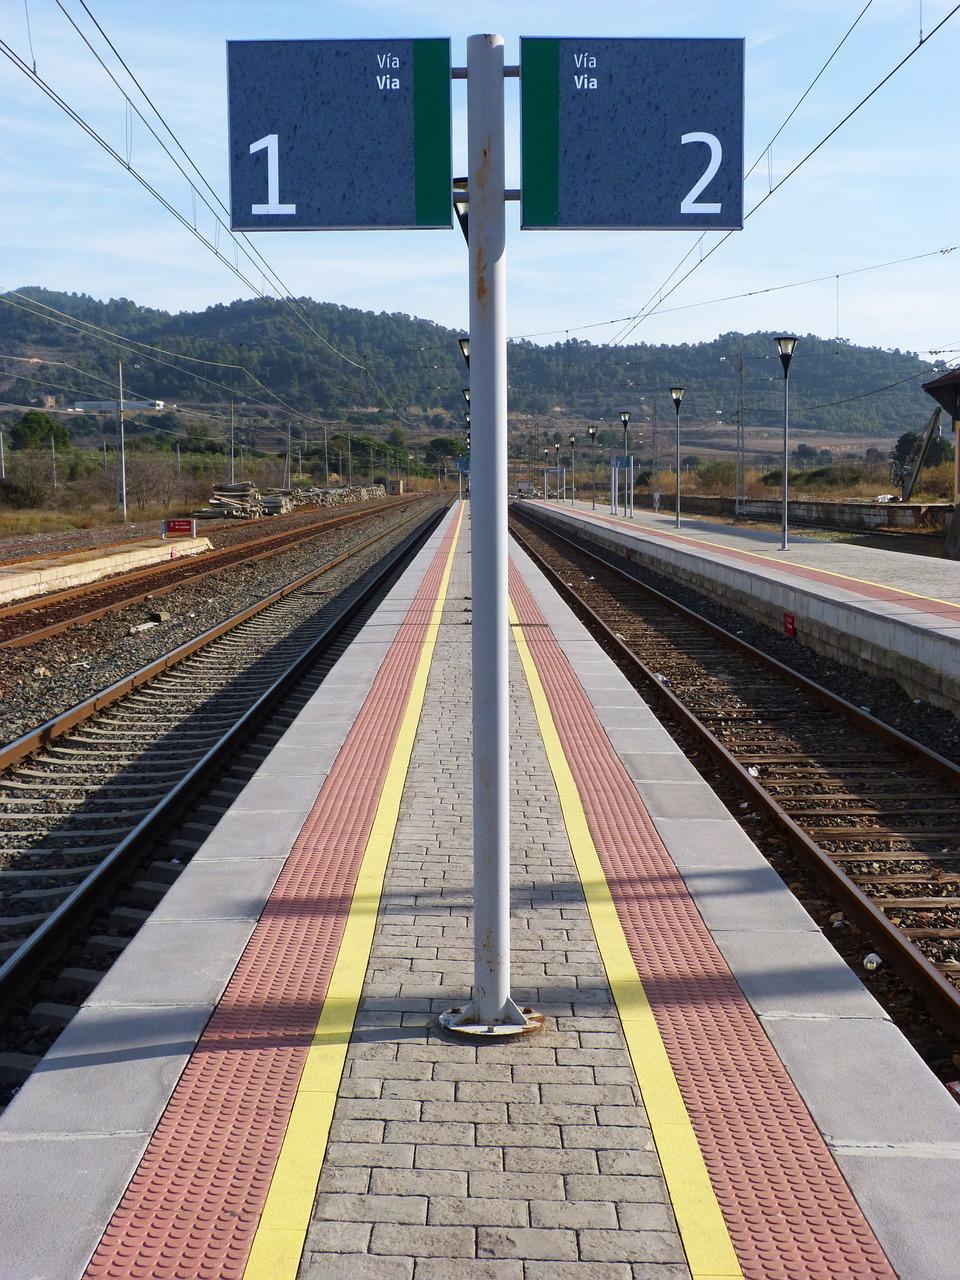 platform-1096242_1280